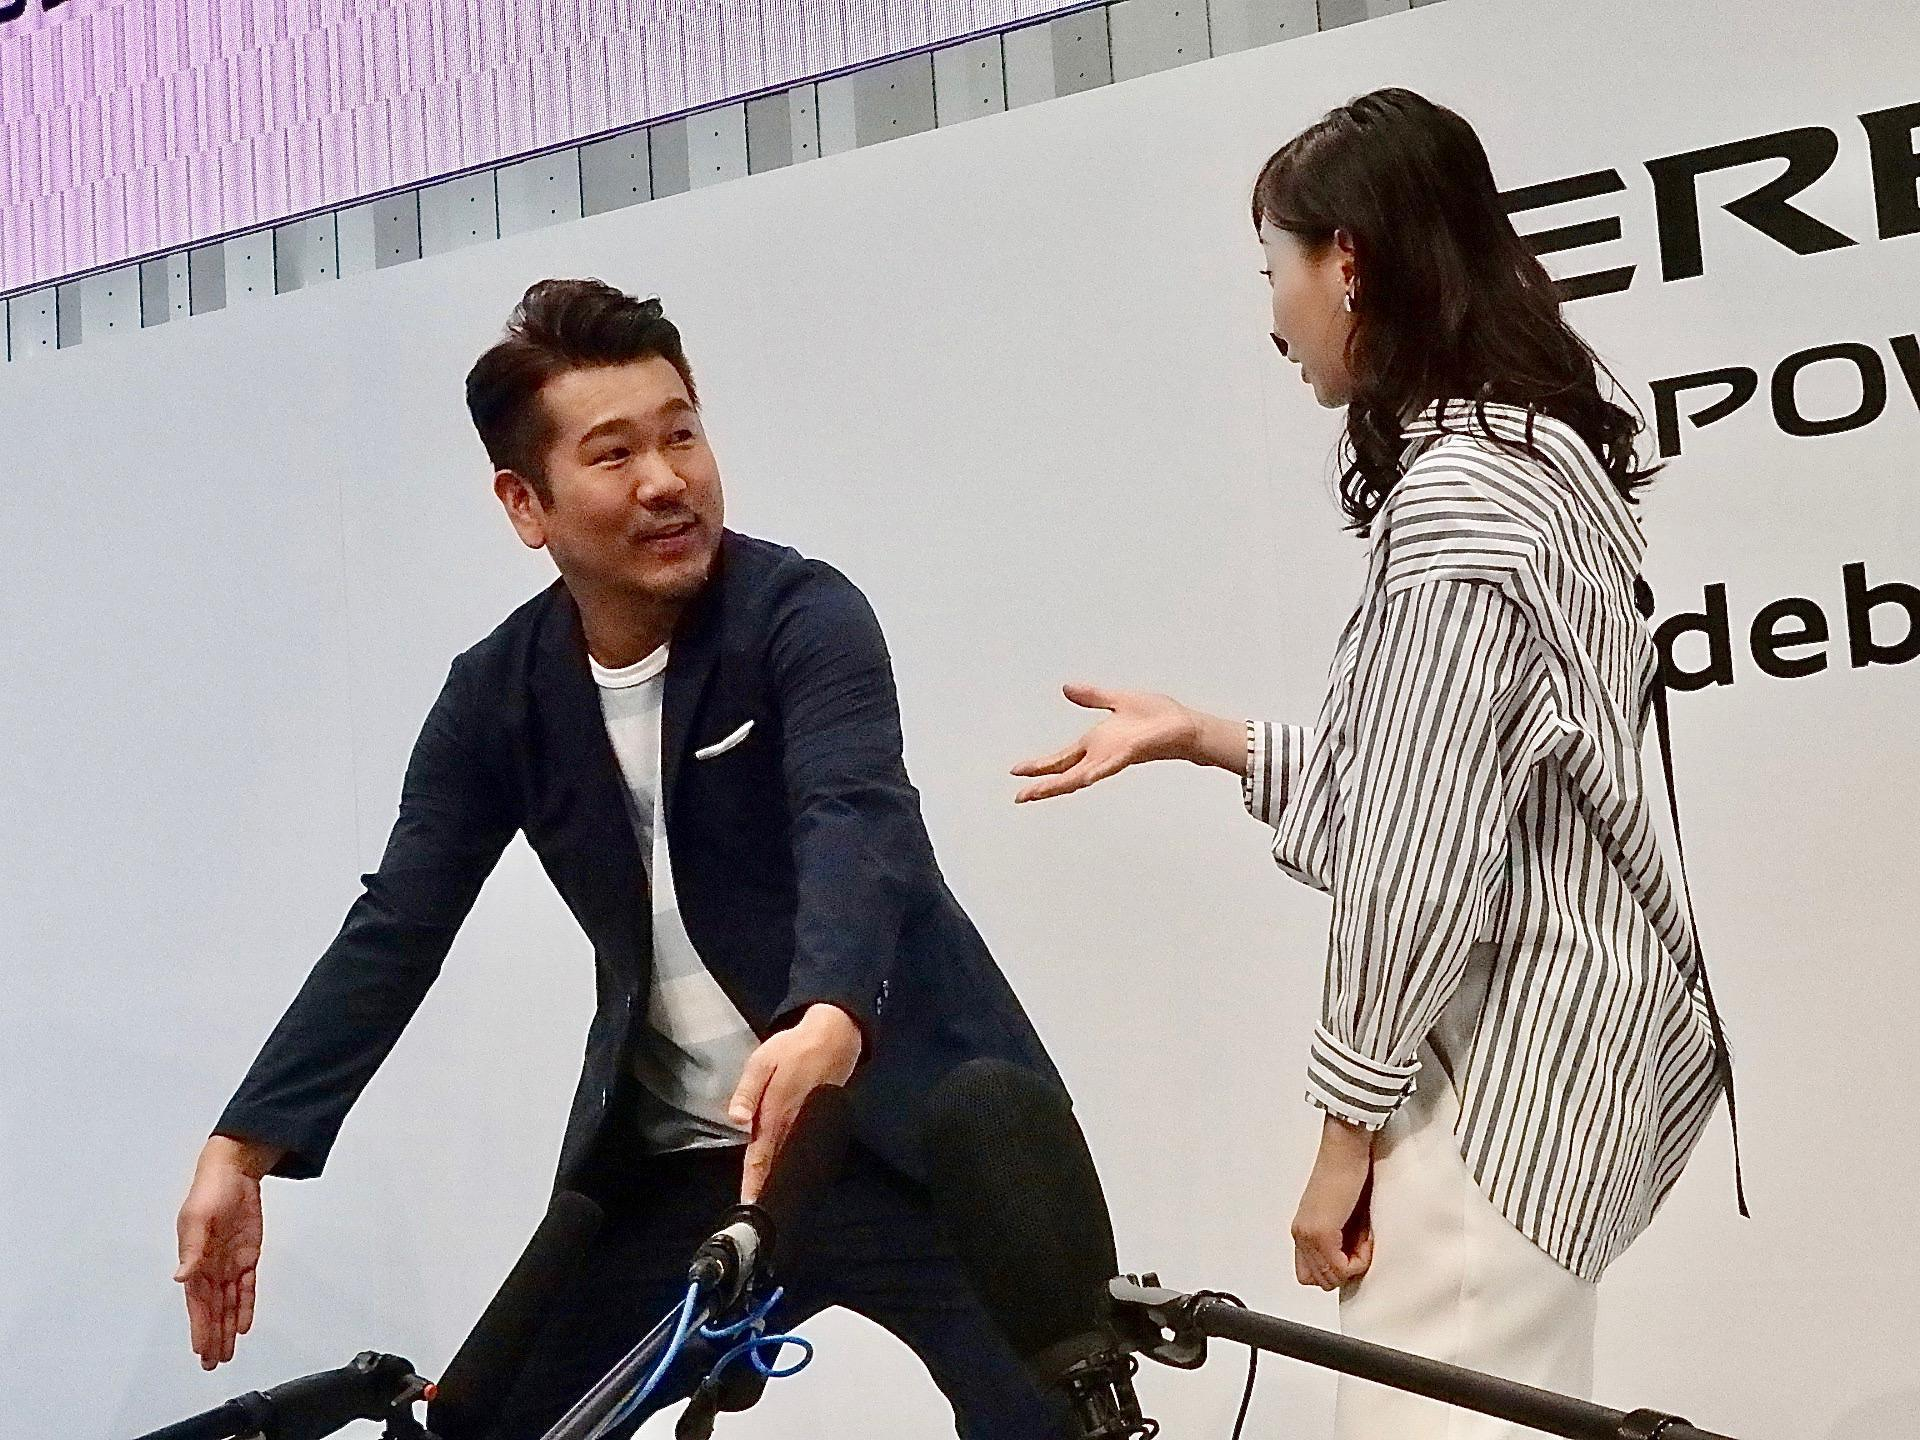 http://news.yoshimoto.co.jp/20180228184721-ec2a8ac9067f4870cc068d0accd2e66c2e19e995.jpg